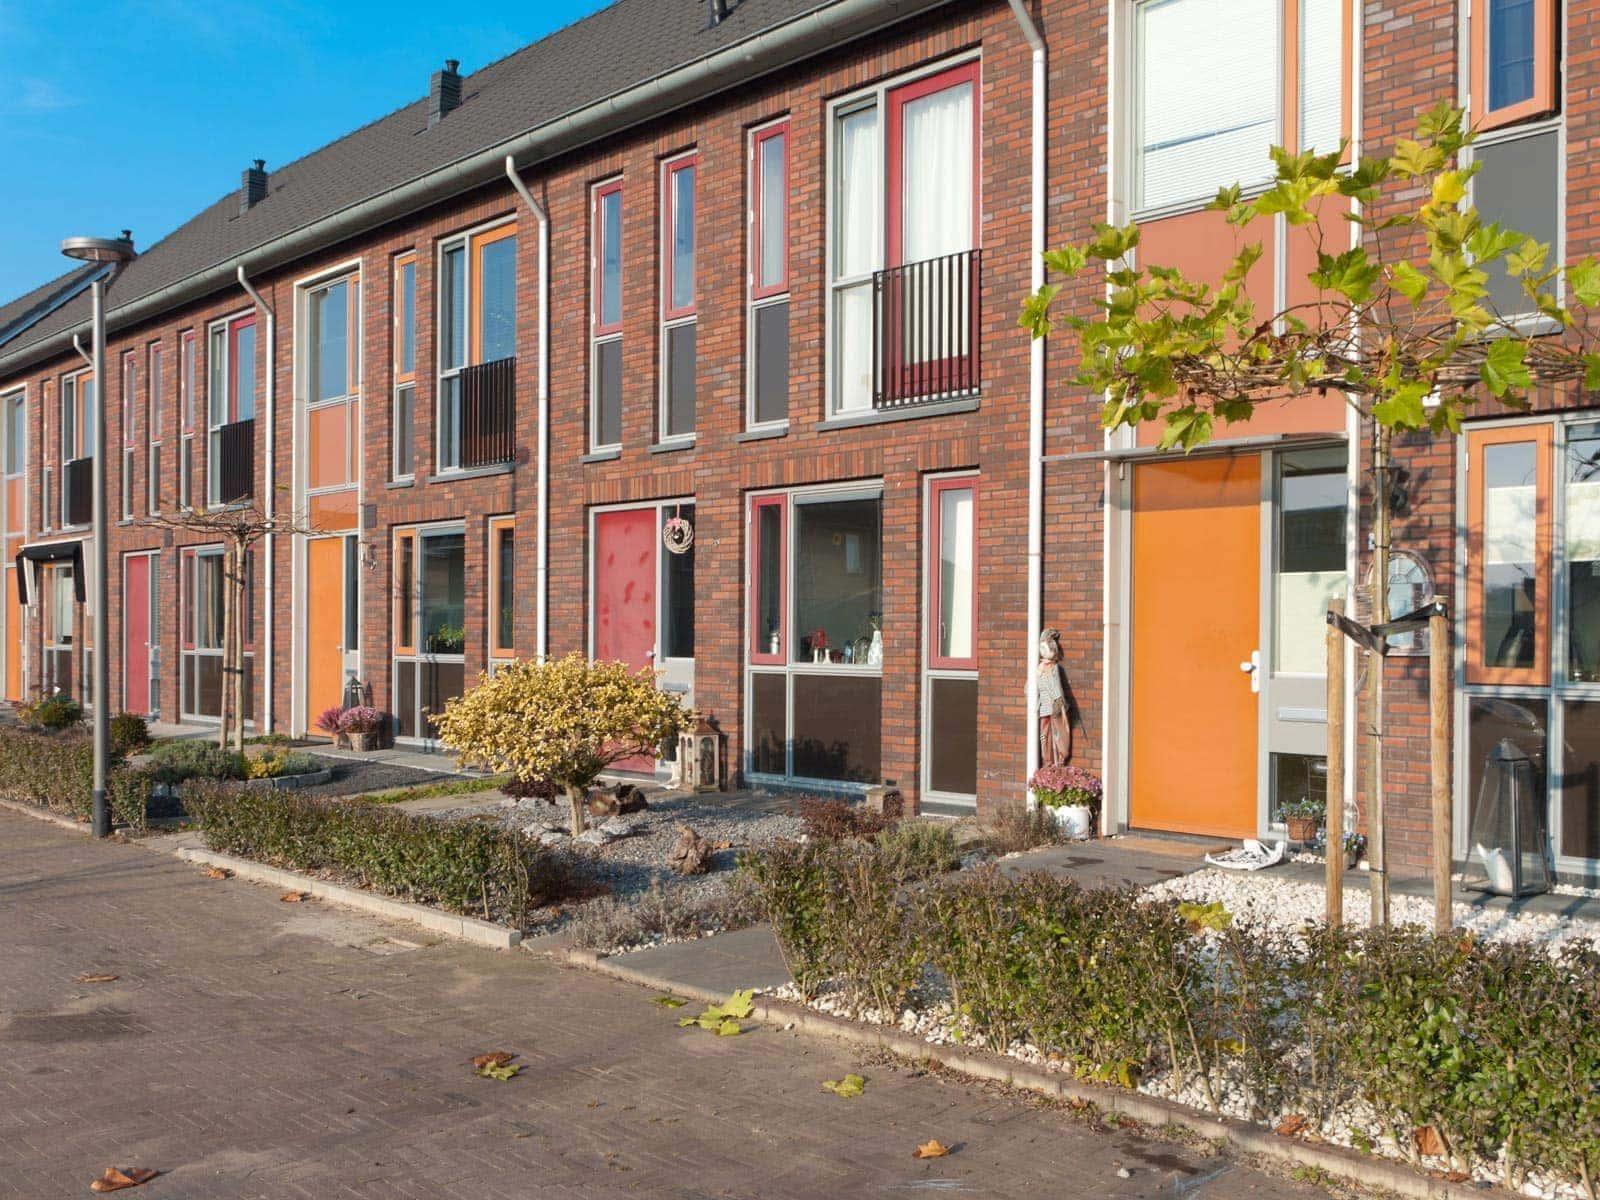 Hopmans Wonen - Woning verhuren in Bergen op Zoom en omstreken